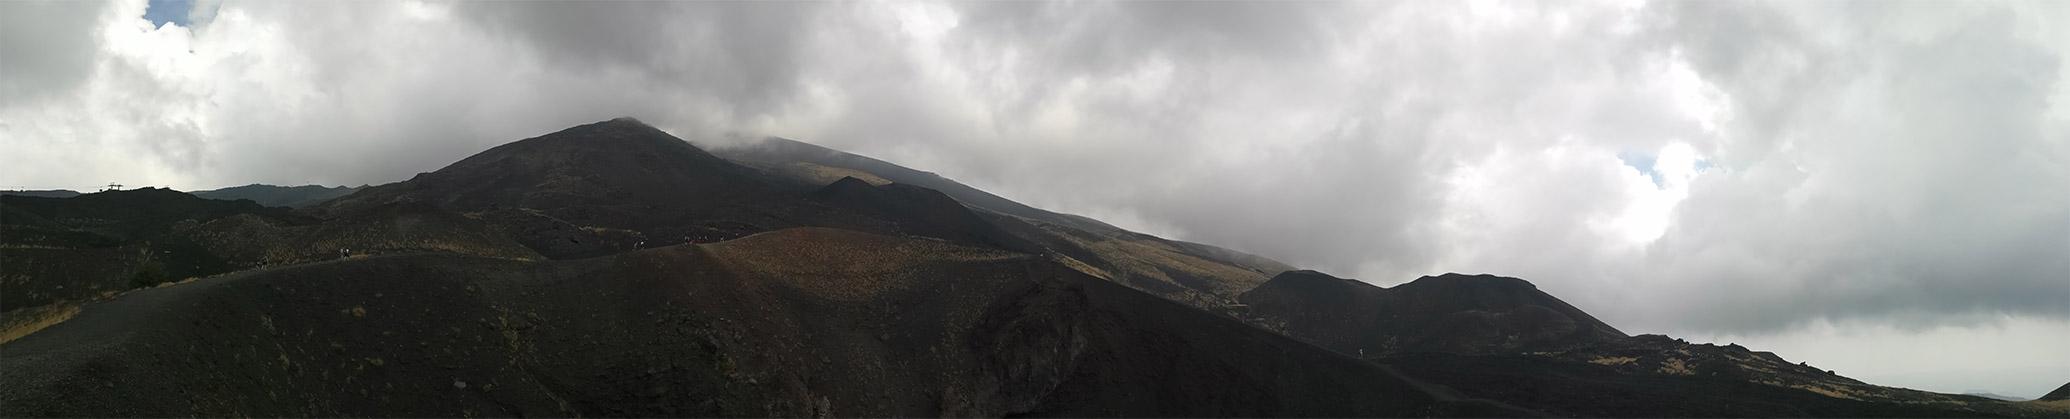 Panorama – pogled na vulkan Etna, Sicilija, Italija.